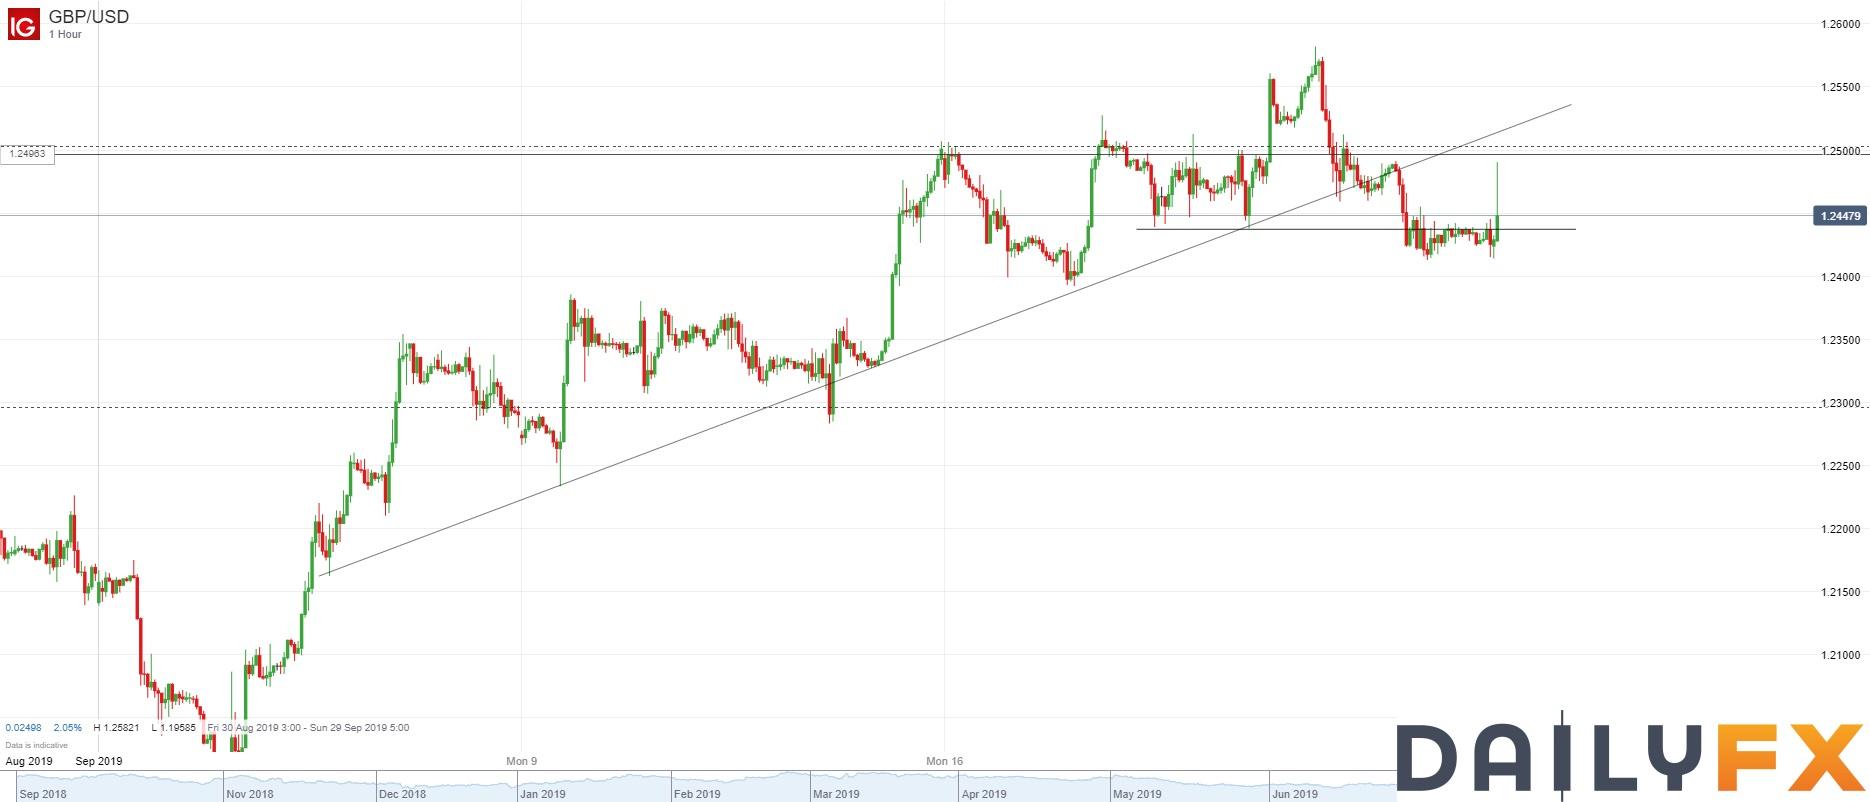 英镑/美元技术分析:时段内冲高回落,继续持有空头